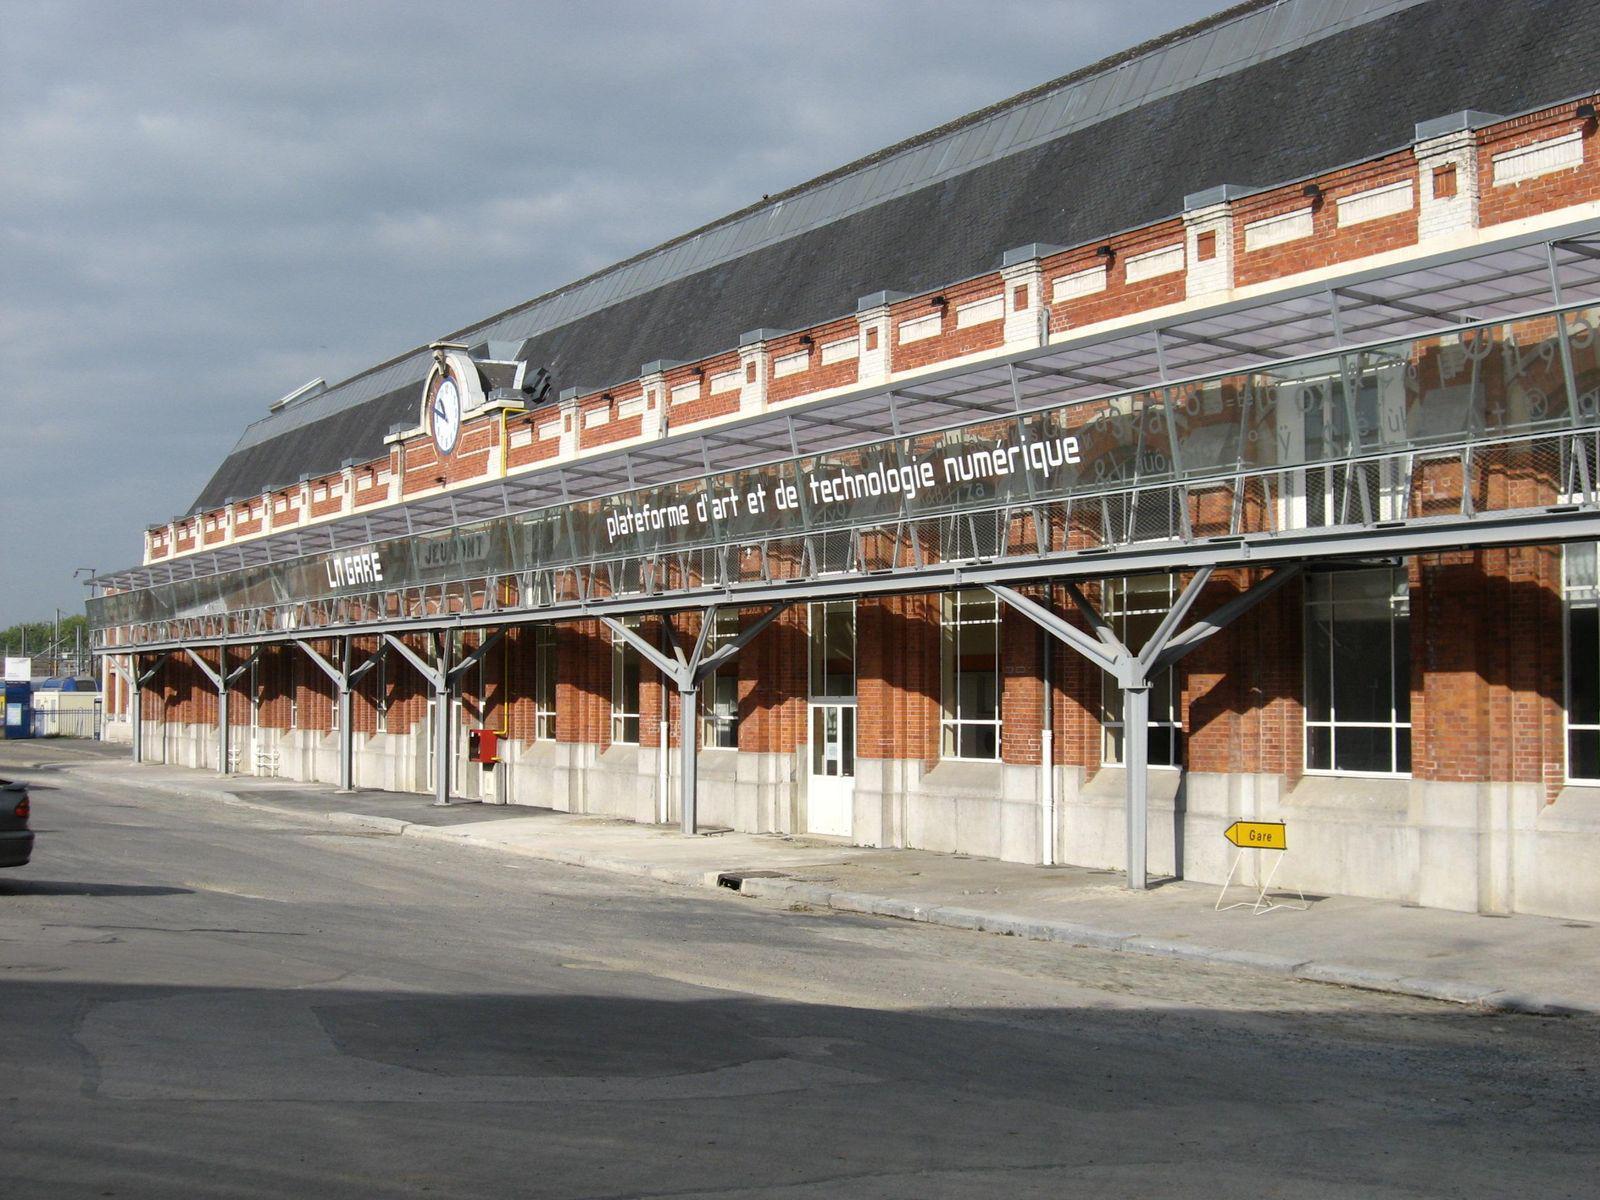 Jeumont (1)